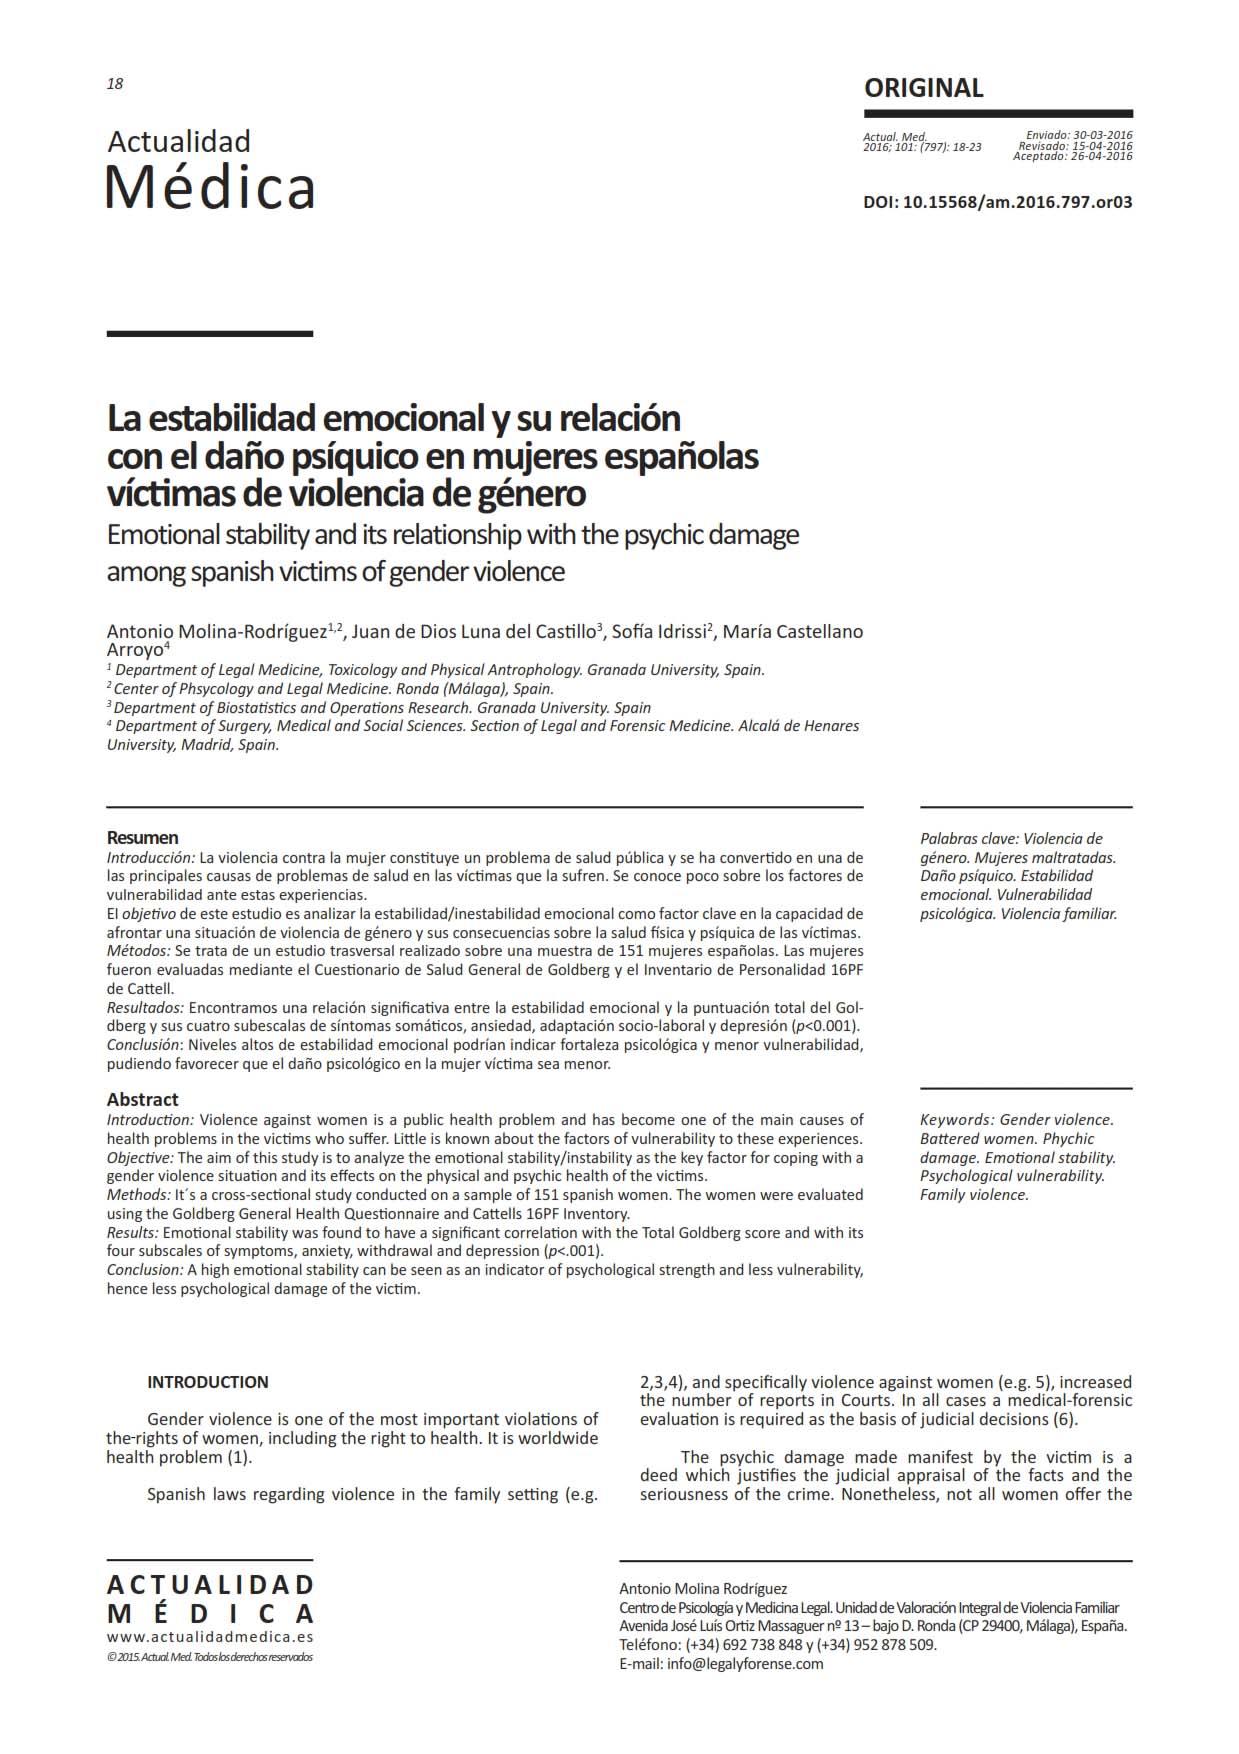 Evaluación del daño psíquico y la violencia psicológica en mujeres víctimas de violencia de género